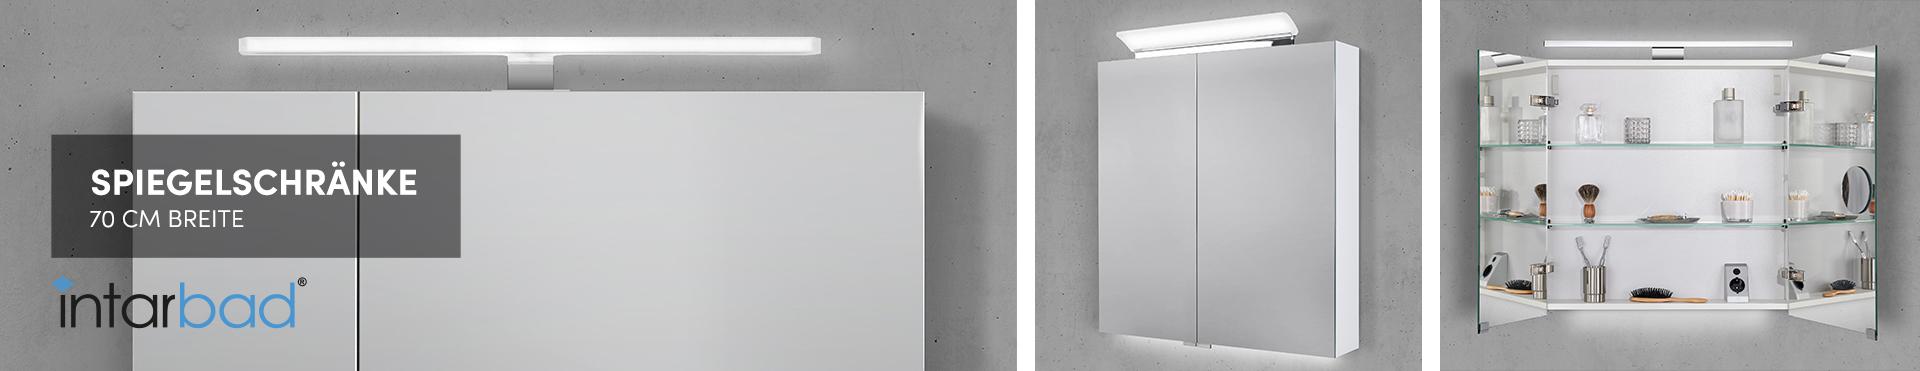 70 cm Spiegelschränke